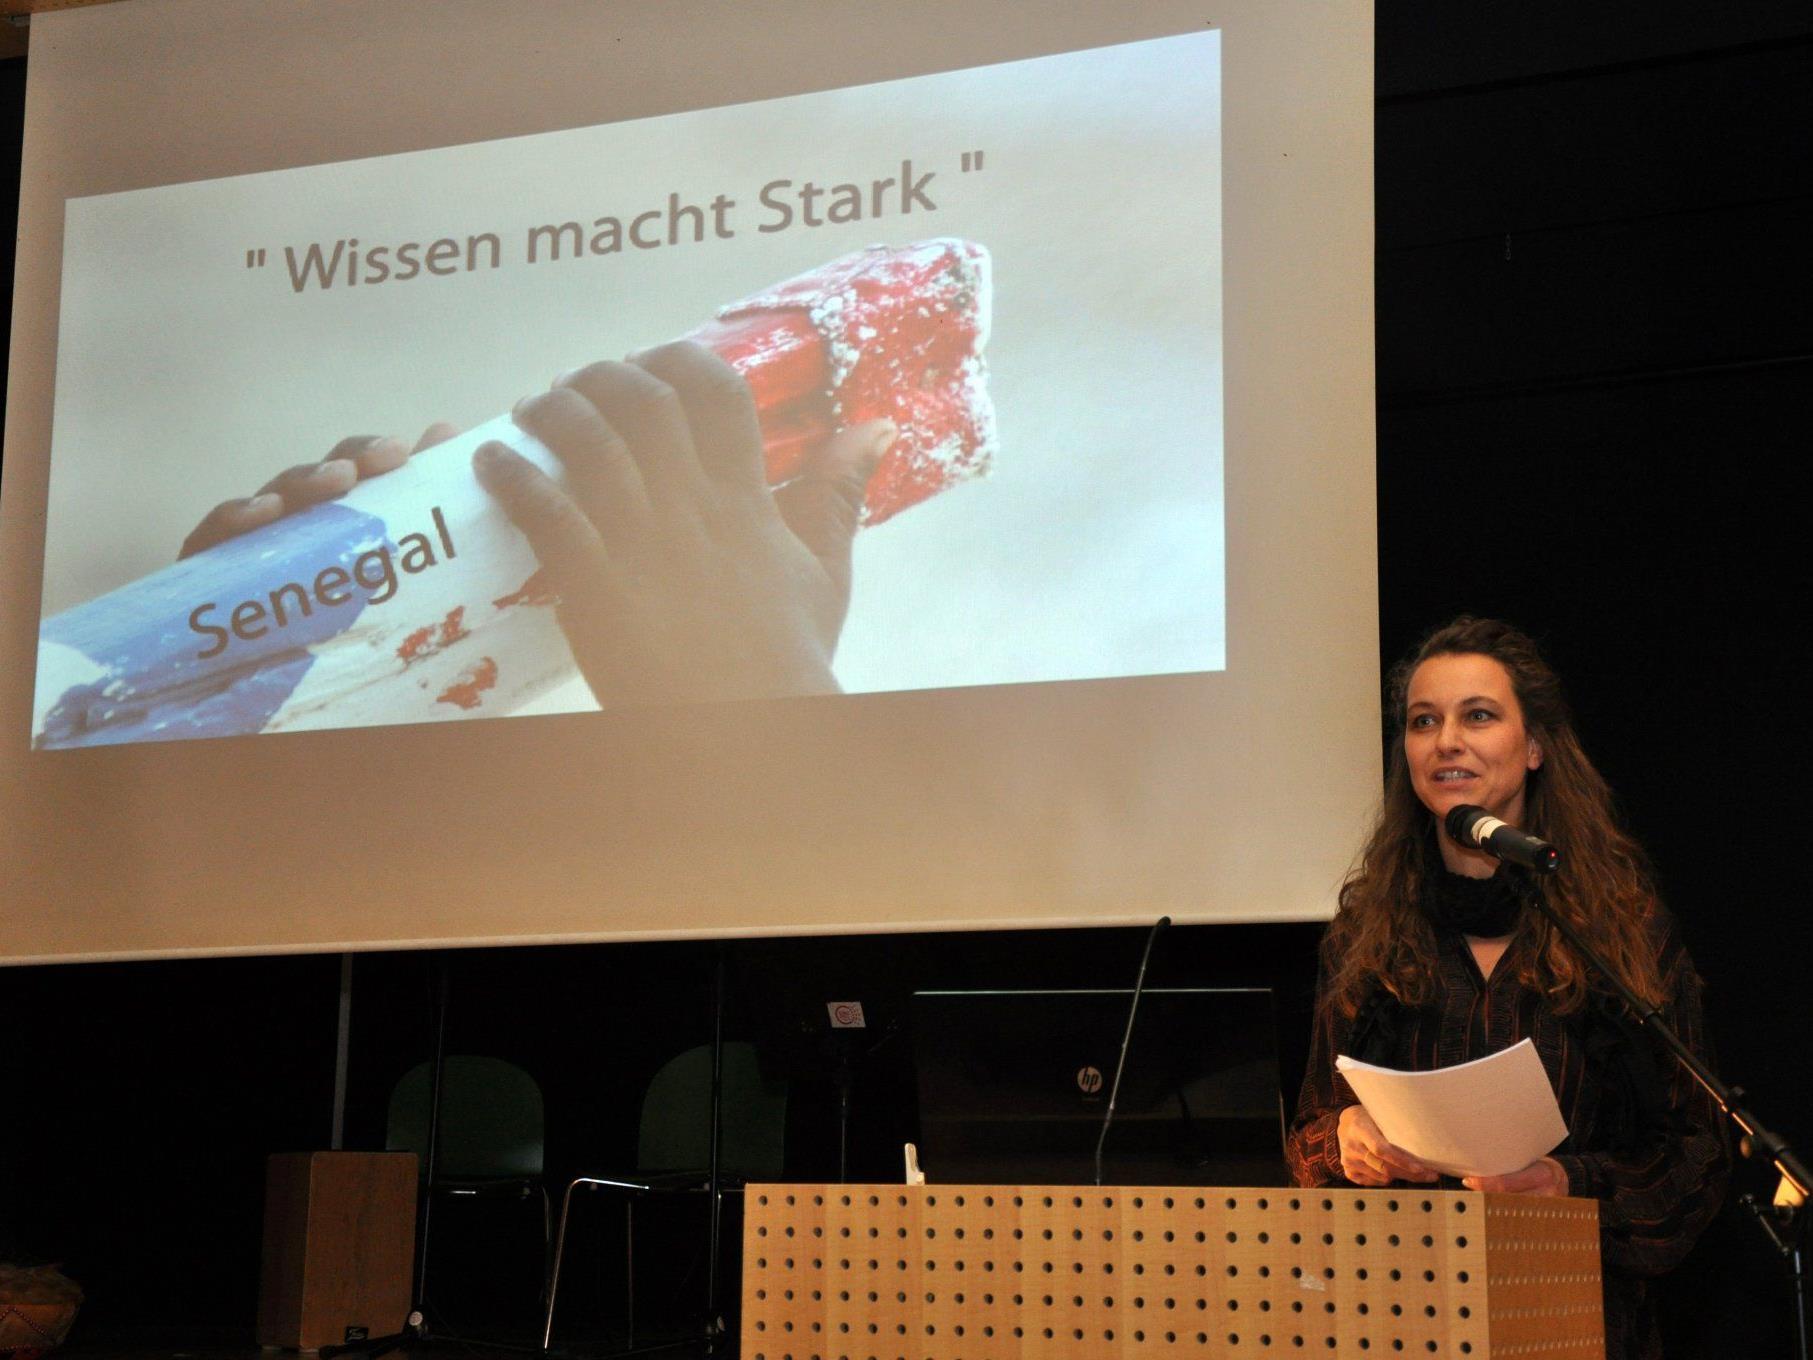 """Natalie Moosmann hatte zum Vortrag über Senegal und """"Wissen macht stark"""" ins LZH eingeladen."""